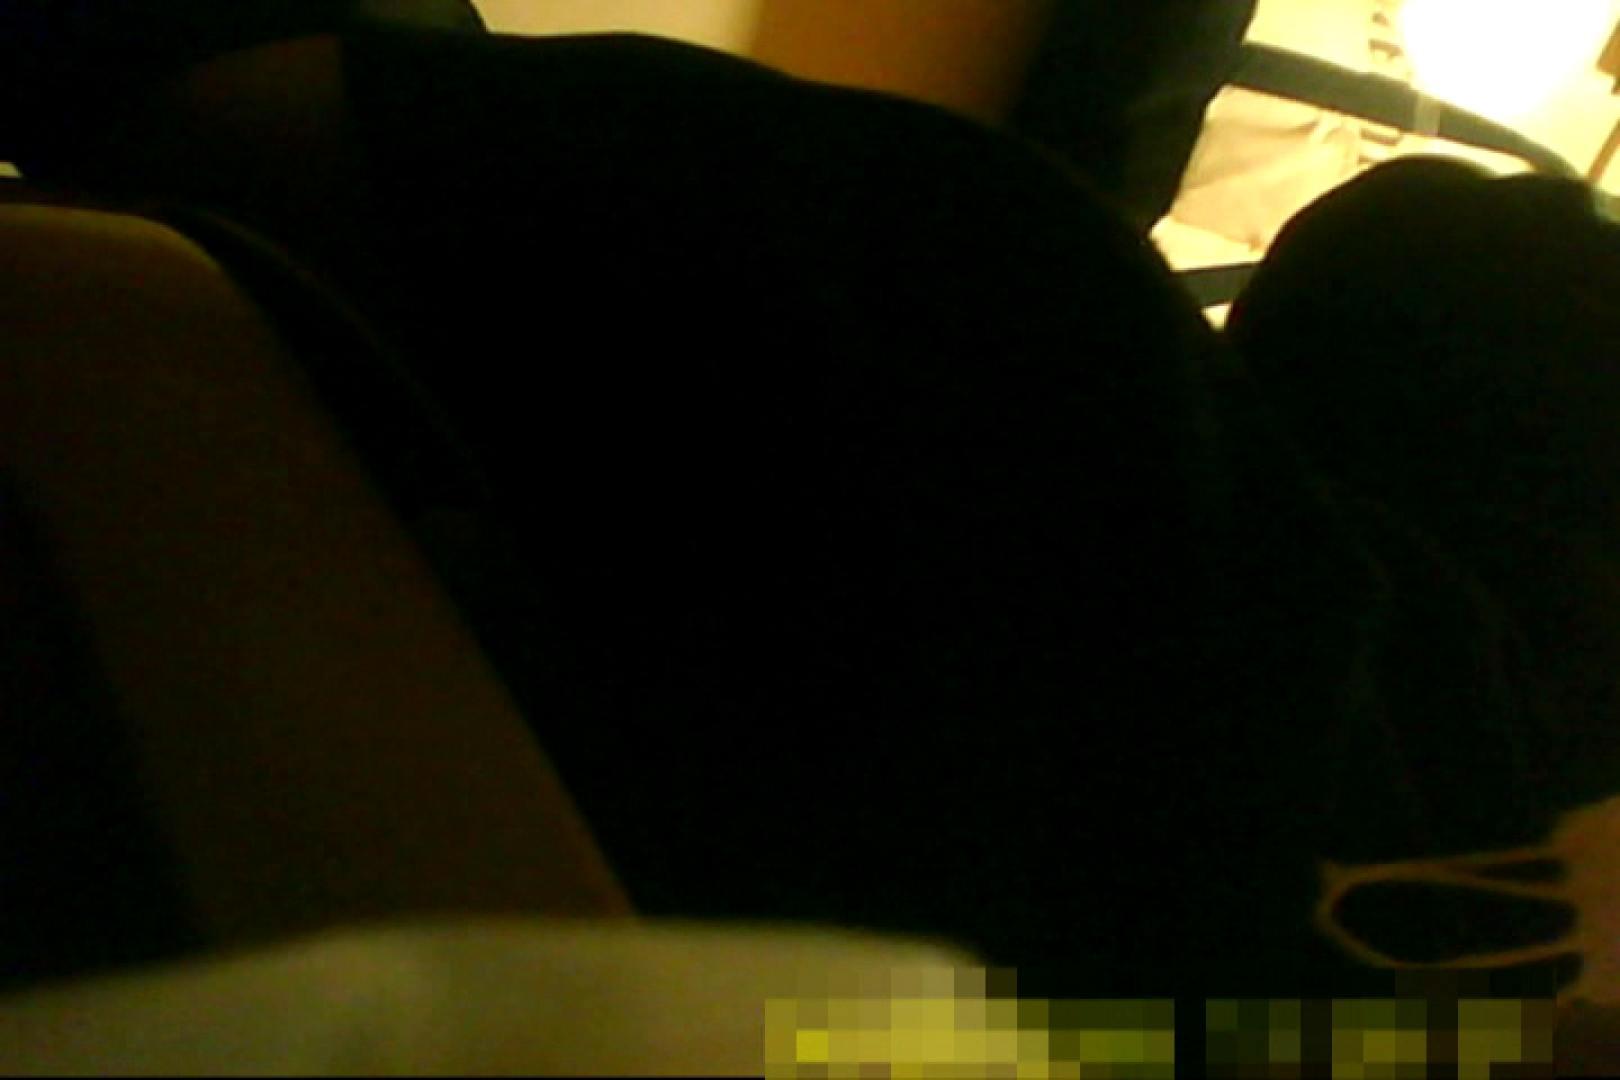 魅惑の化粧室~禁断のプライベート空間~vol.9 ぽっちゃり オマンコ無修正動画無料 56pic 47